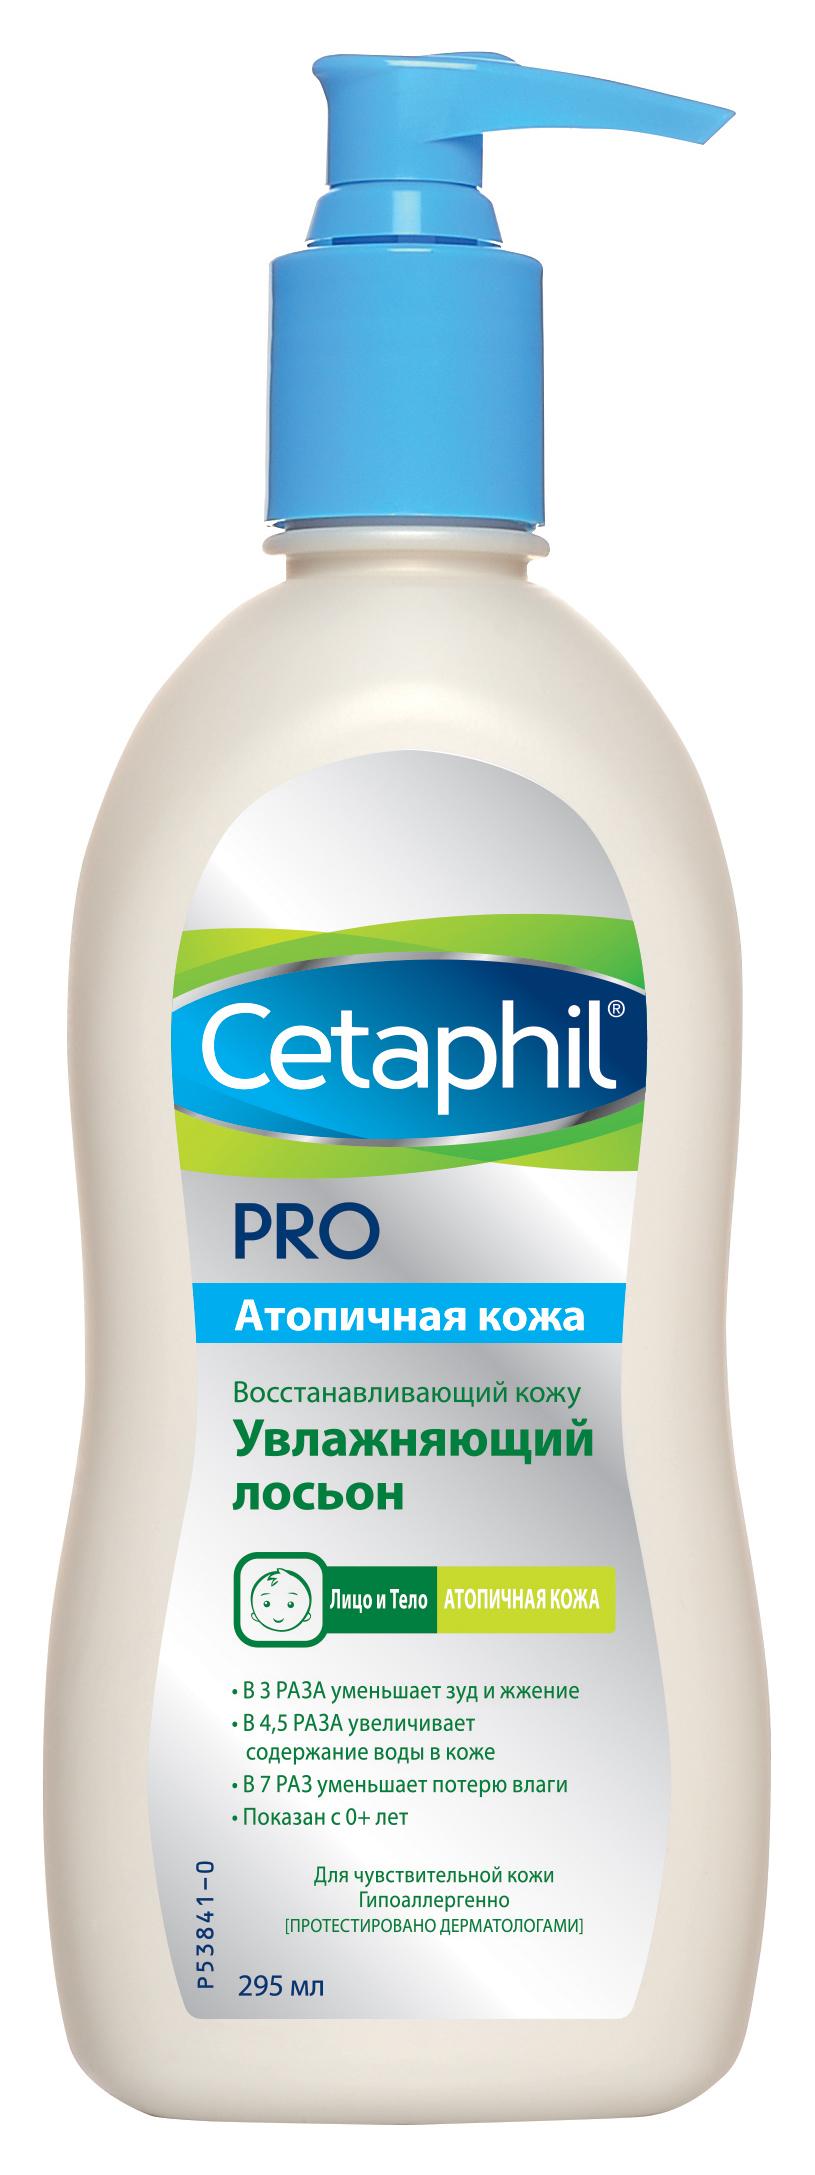 Cetaphil PRO лосьон увлажняющий восстанавливающий 295мл